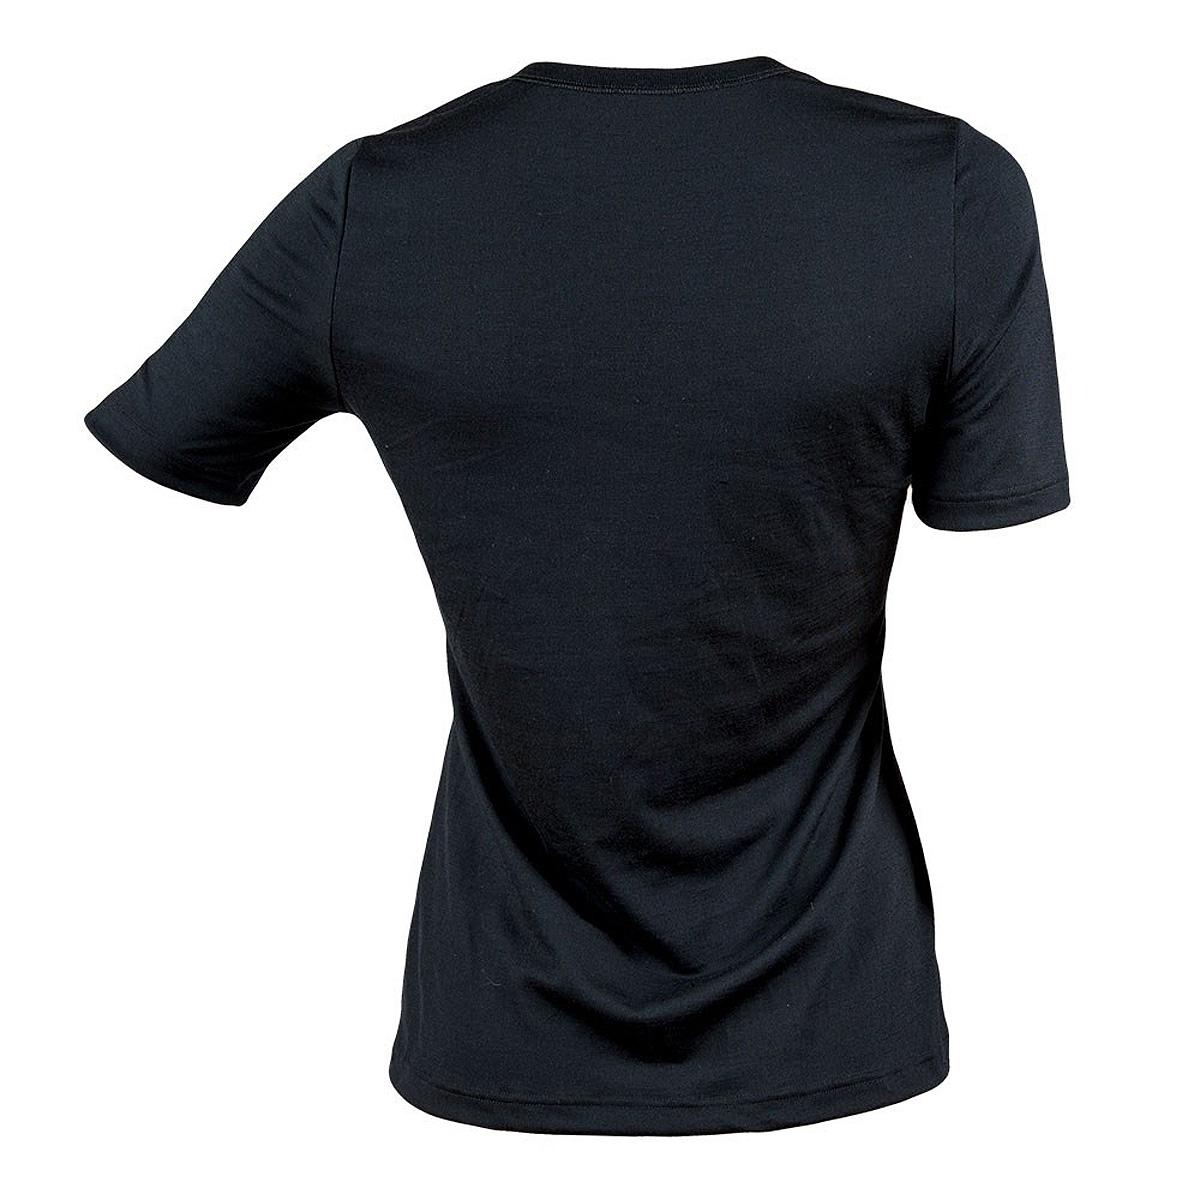 Janus t-shirt LightWool merinoull dam svart